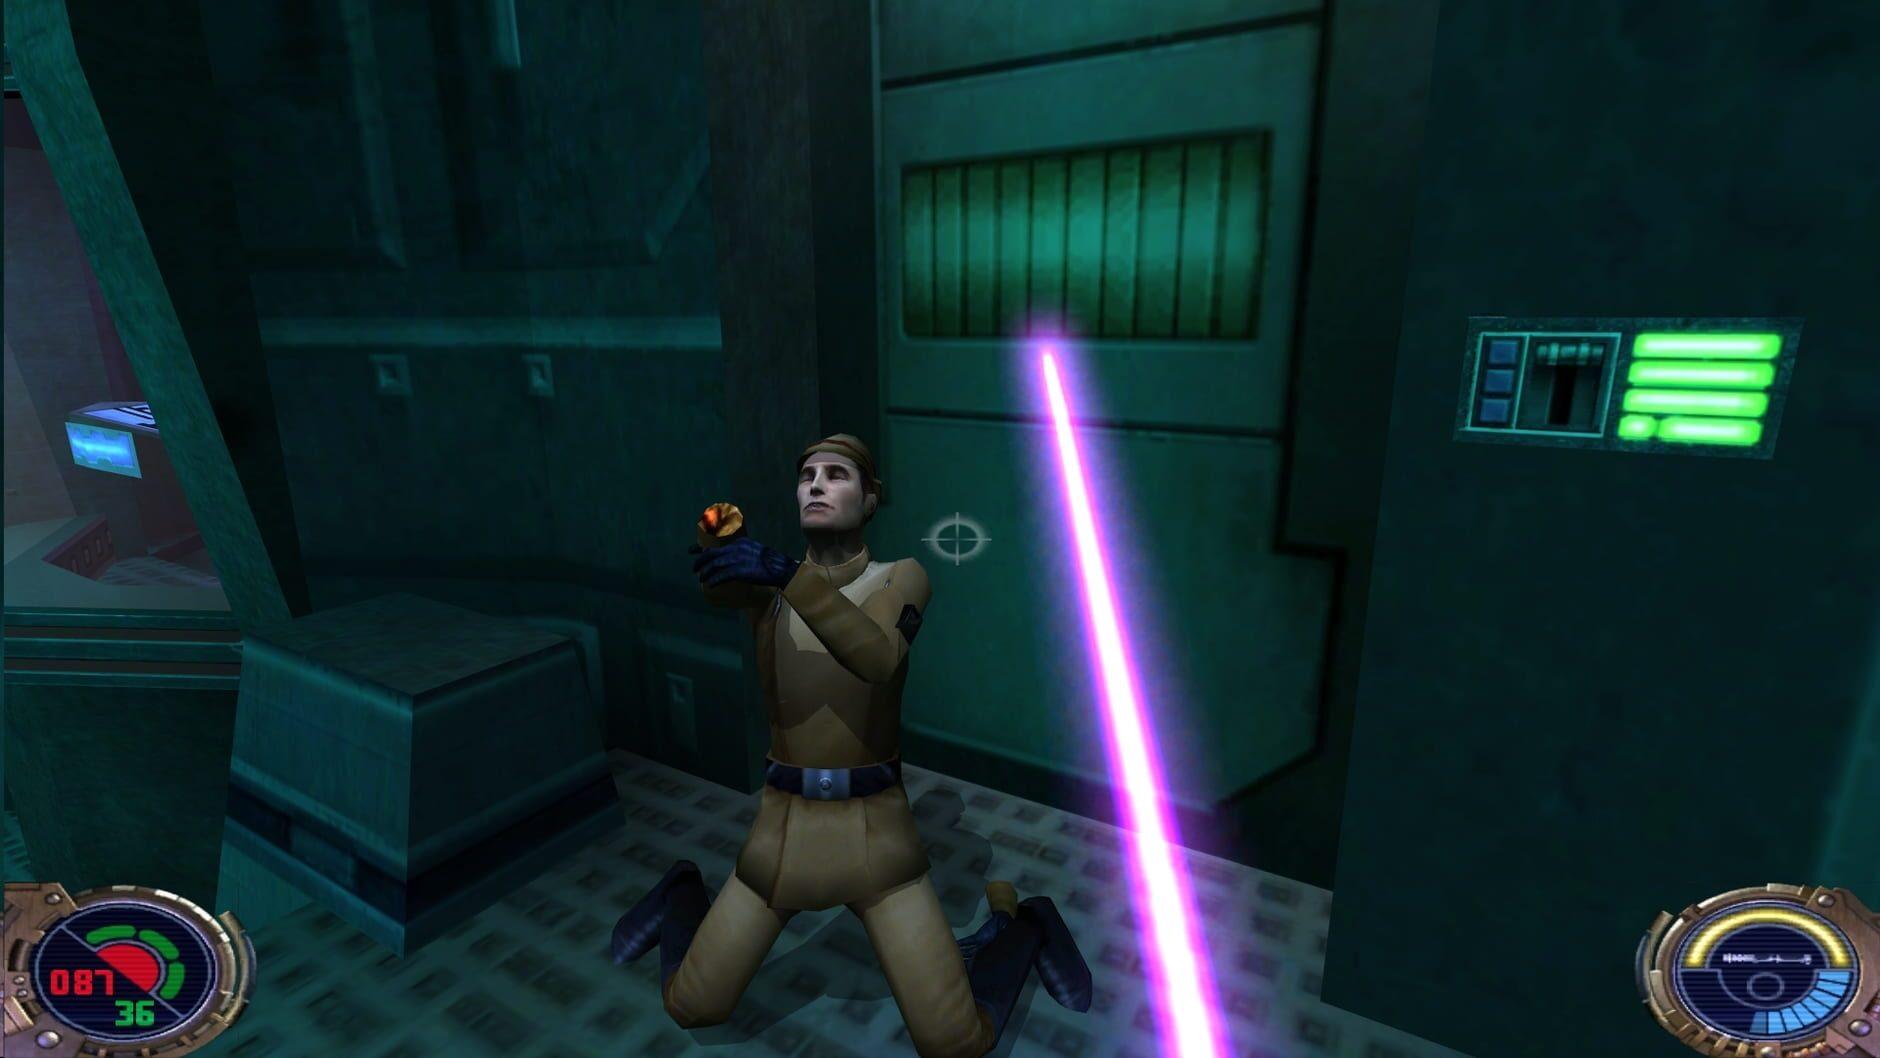 Star Wars: Jedi Knight II - Jedi Outcast - 0